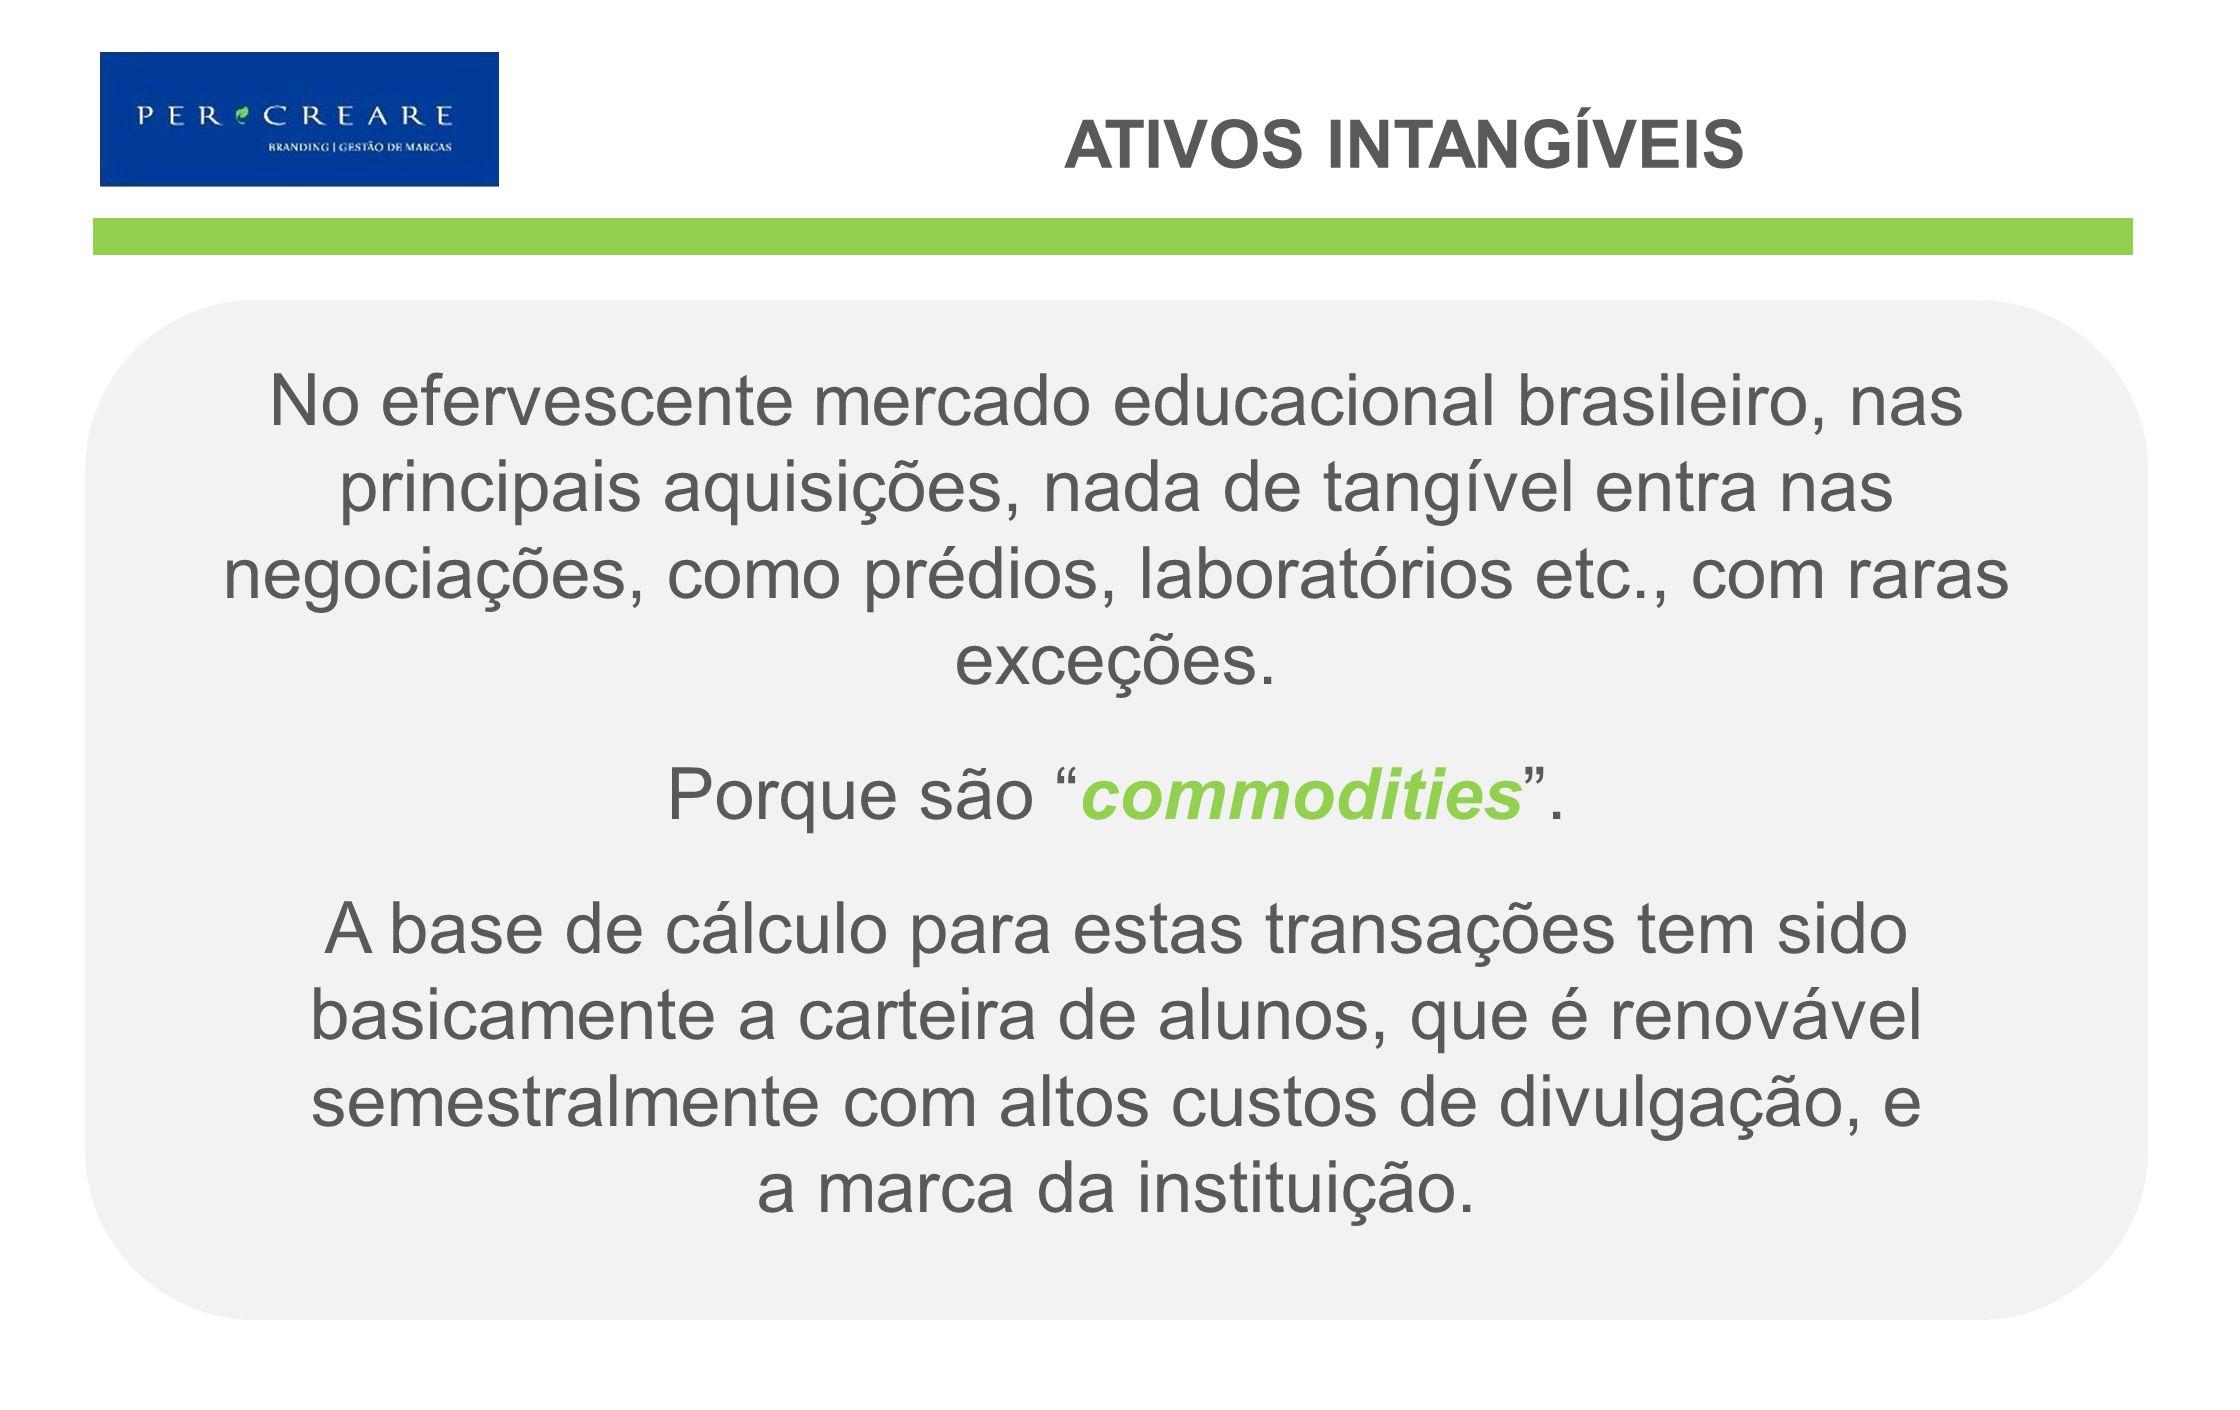 No efervescente mercado educacional brasileiro, nas principais aquisições, nada de tangível entra nas negociações, como prédios, laboratórios etc., co